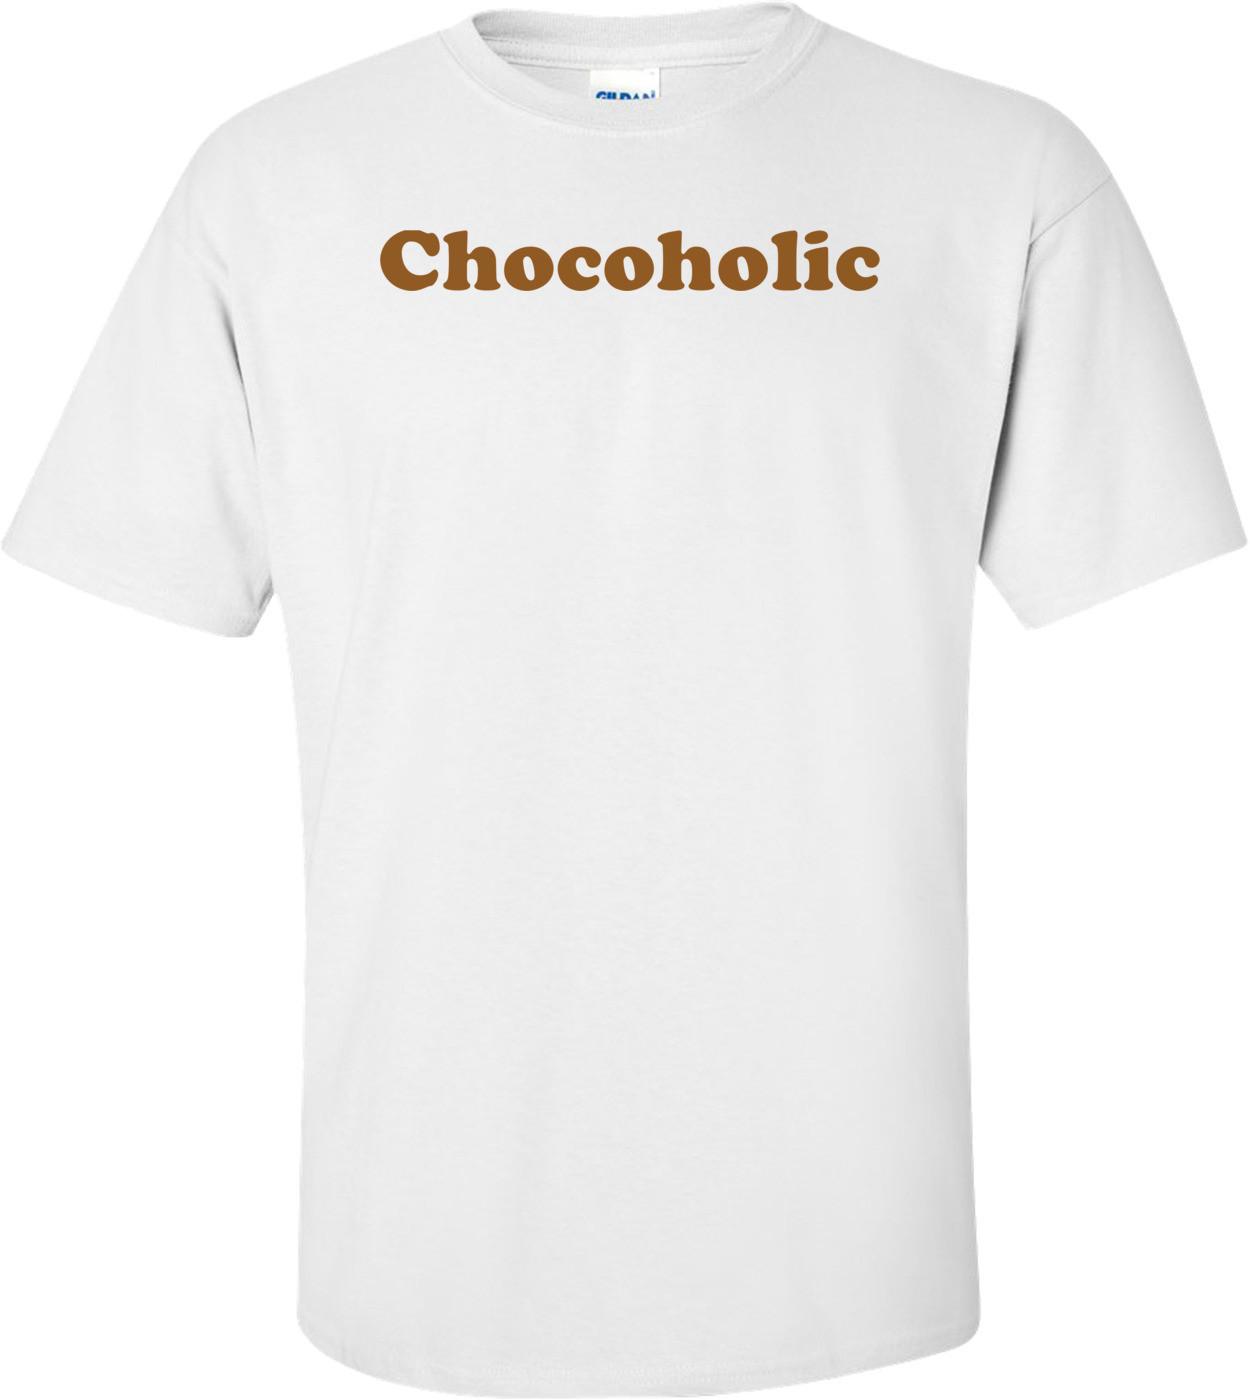 Chocoholic Shirt